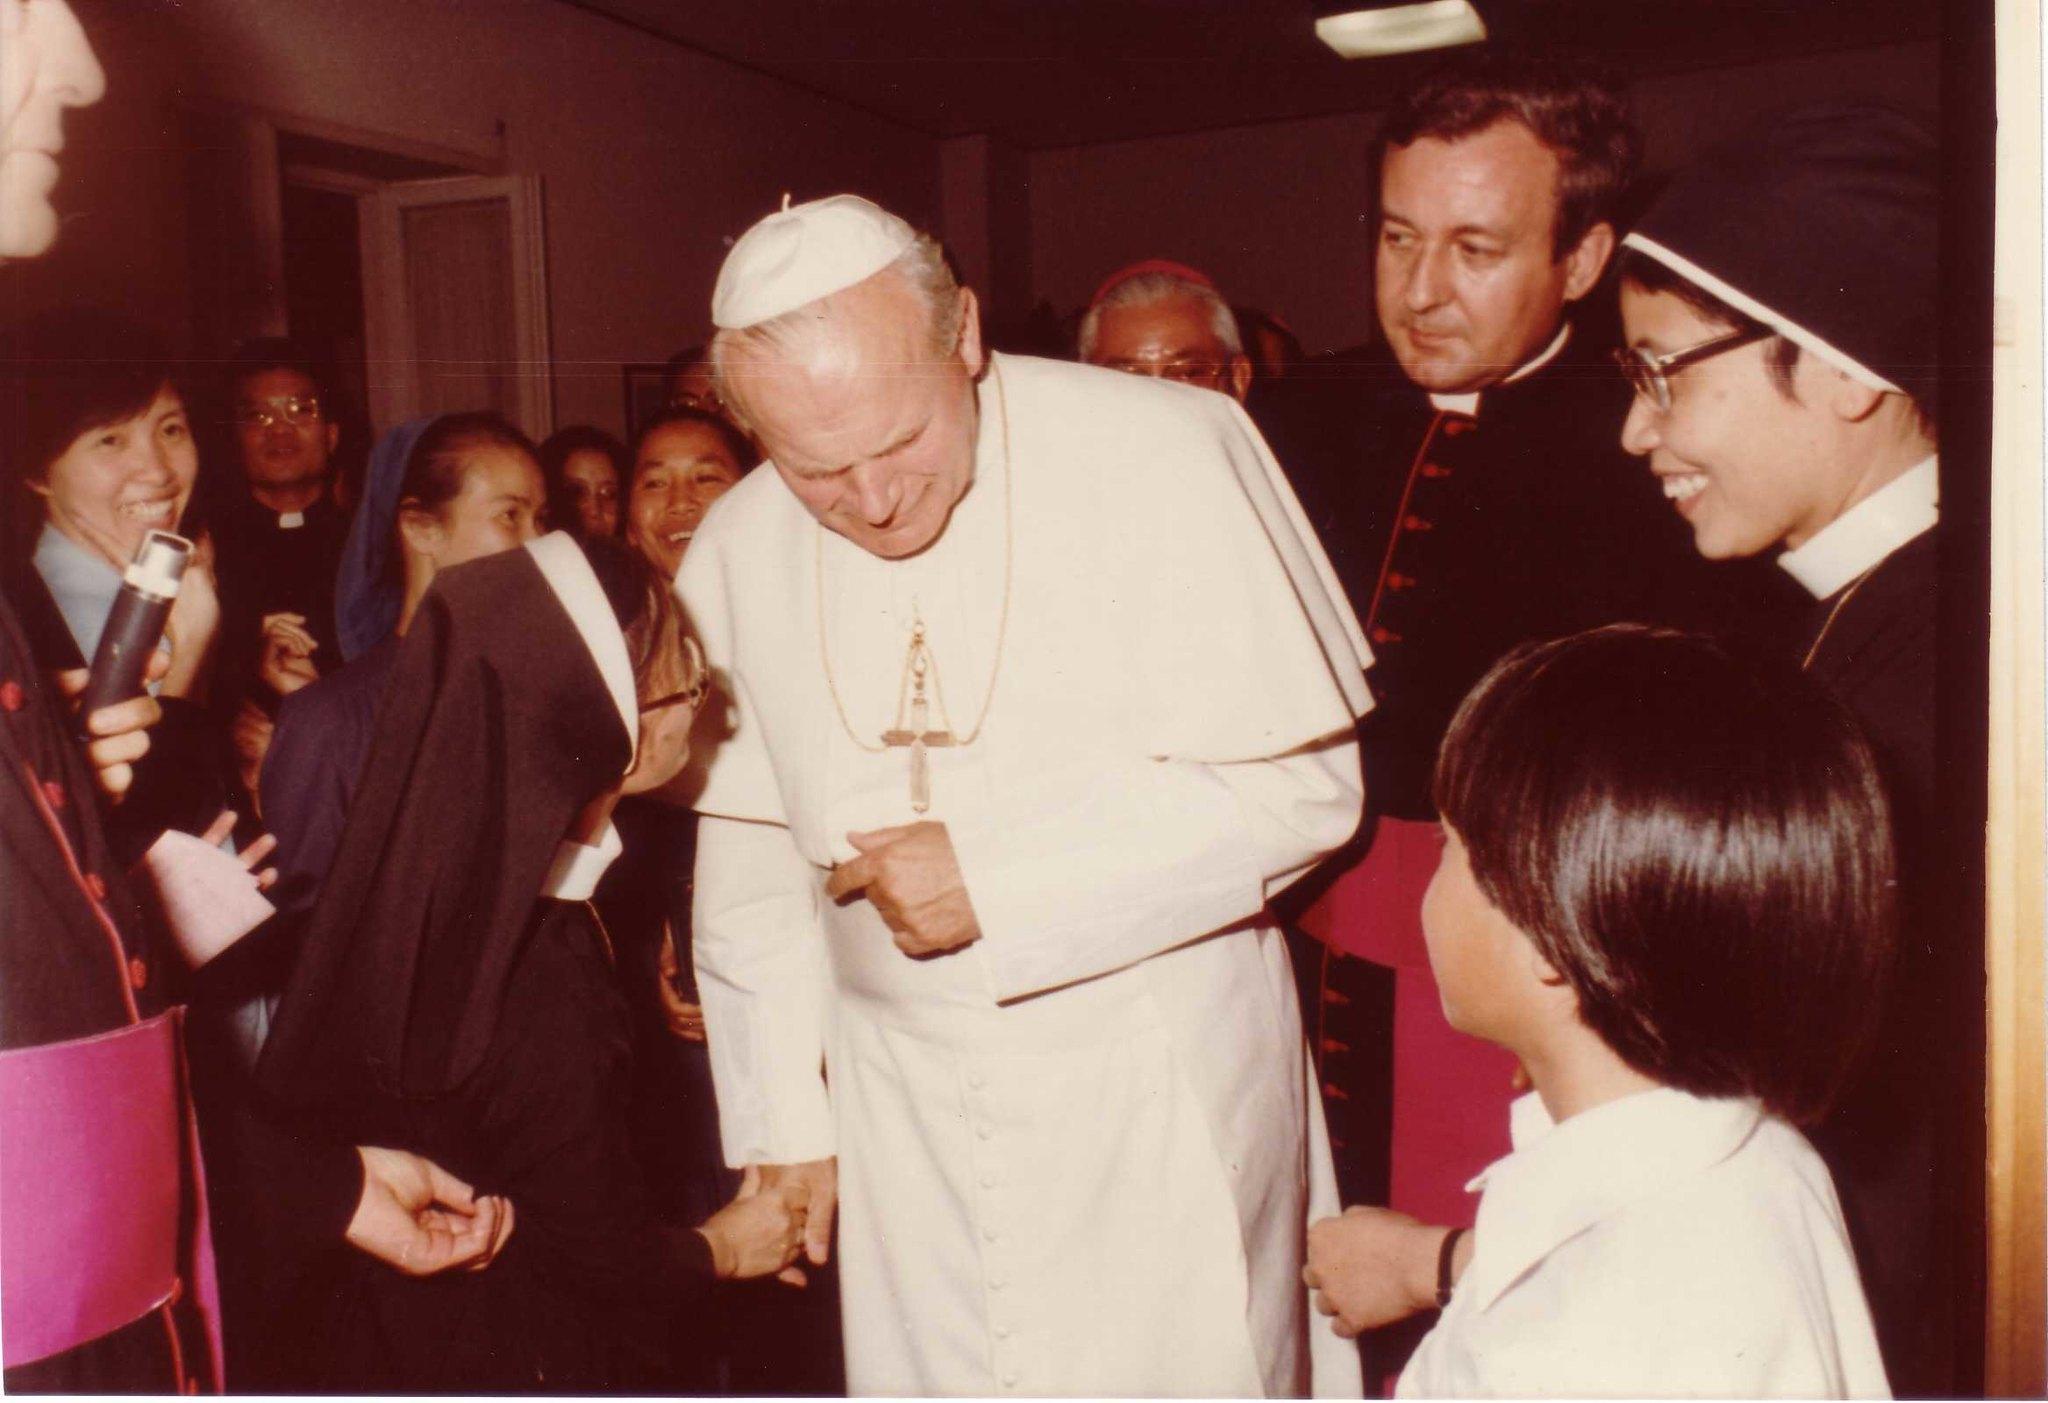 Hotel Foyer Phat Diem Roma : San papa giovanni paul ii visita foyer phat diem